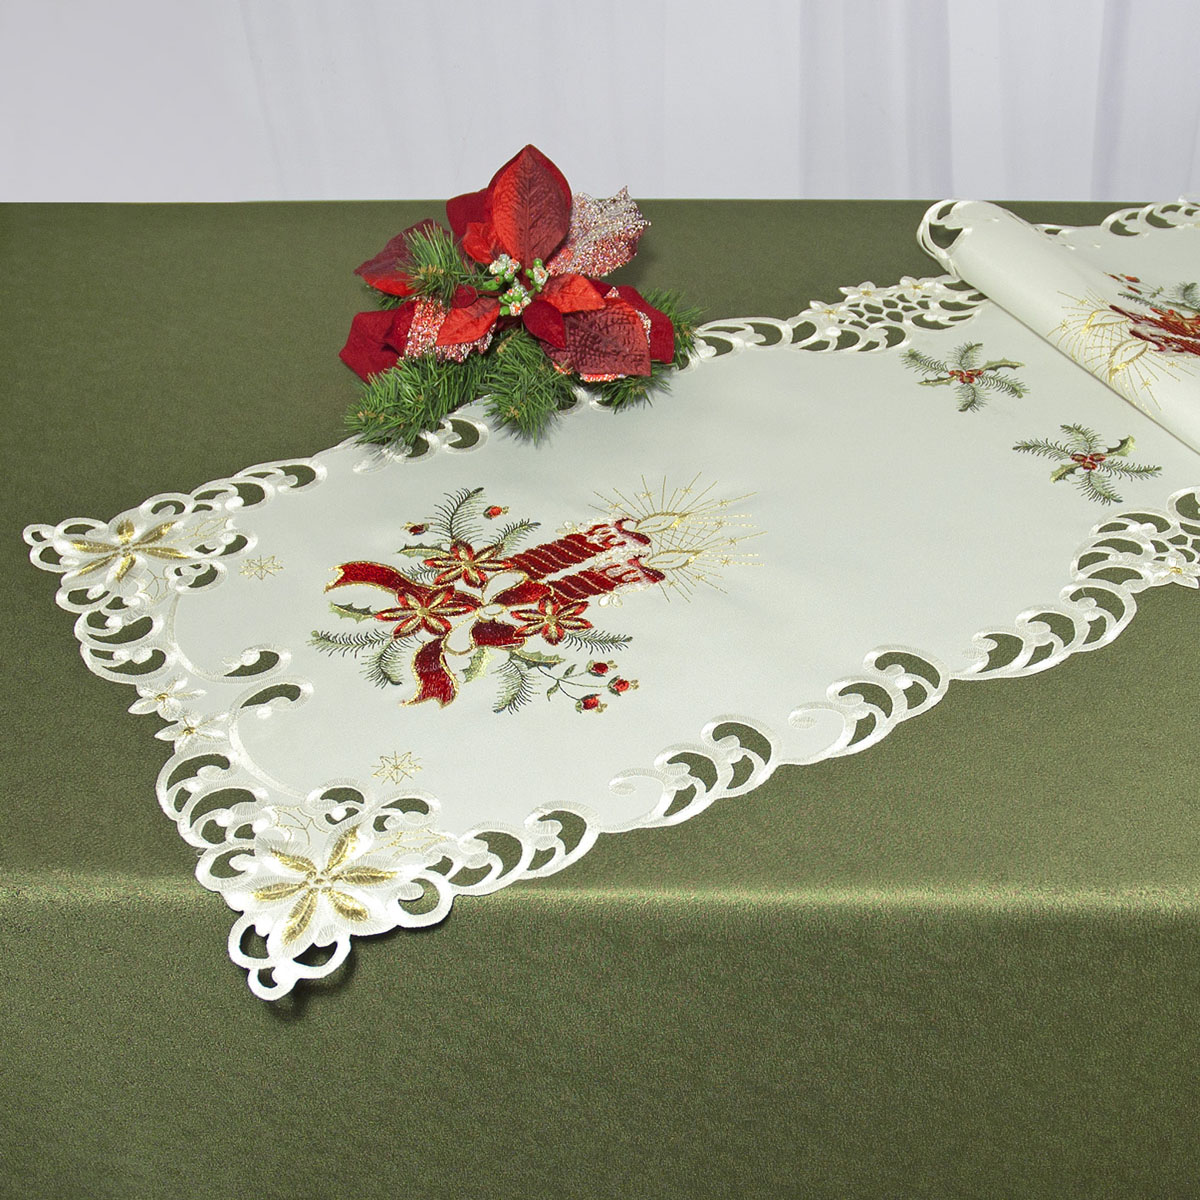 Дорожка для декорирования стола Schaefer, прямоугольная, цвет: белый, красный, 40 x 110 см 07483-23307483-233Дорожка Schaefer выполнена из высококачественного полиэстера и украшена вышитыми рисунками в виде новогодних свечей. Края дорожки оформлены в технике ришелье. Вы можете использовать дорожку для декорирования стола, комода или журнального столика.Благодаря такой дорожке вы защитите поверхность мебели от воды, пятен и механических воздействий, а также создадите атмосферу уюта и домашнего тепла в интерьере вашей квартиры. Изделия из искусственных волокон легко стирать: они не мнутся, не садятся и быстро сохнут, они более долговечны, чем изделия из натуральных волокон.Изысканный текстиль от немецкой компании Schaefer - это красота, стиль и уют в вашем доме. Дорожка органично впишется в интерьер любого помещения, а оригинальный дизайн удовлетворит даже самый изысканный вкус. Дарите себе и близким красоту каждый день!